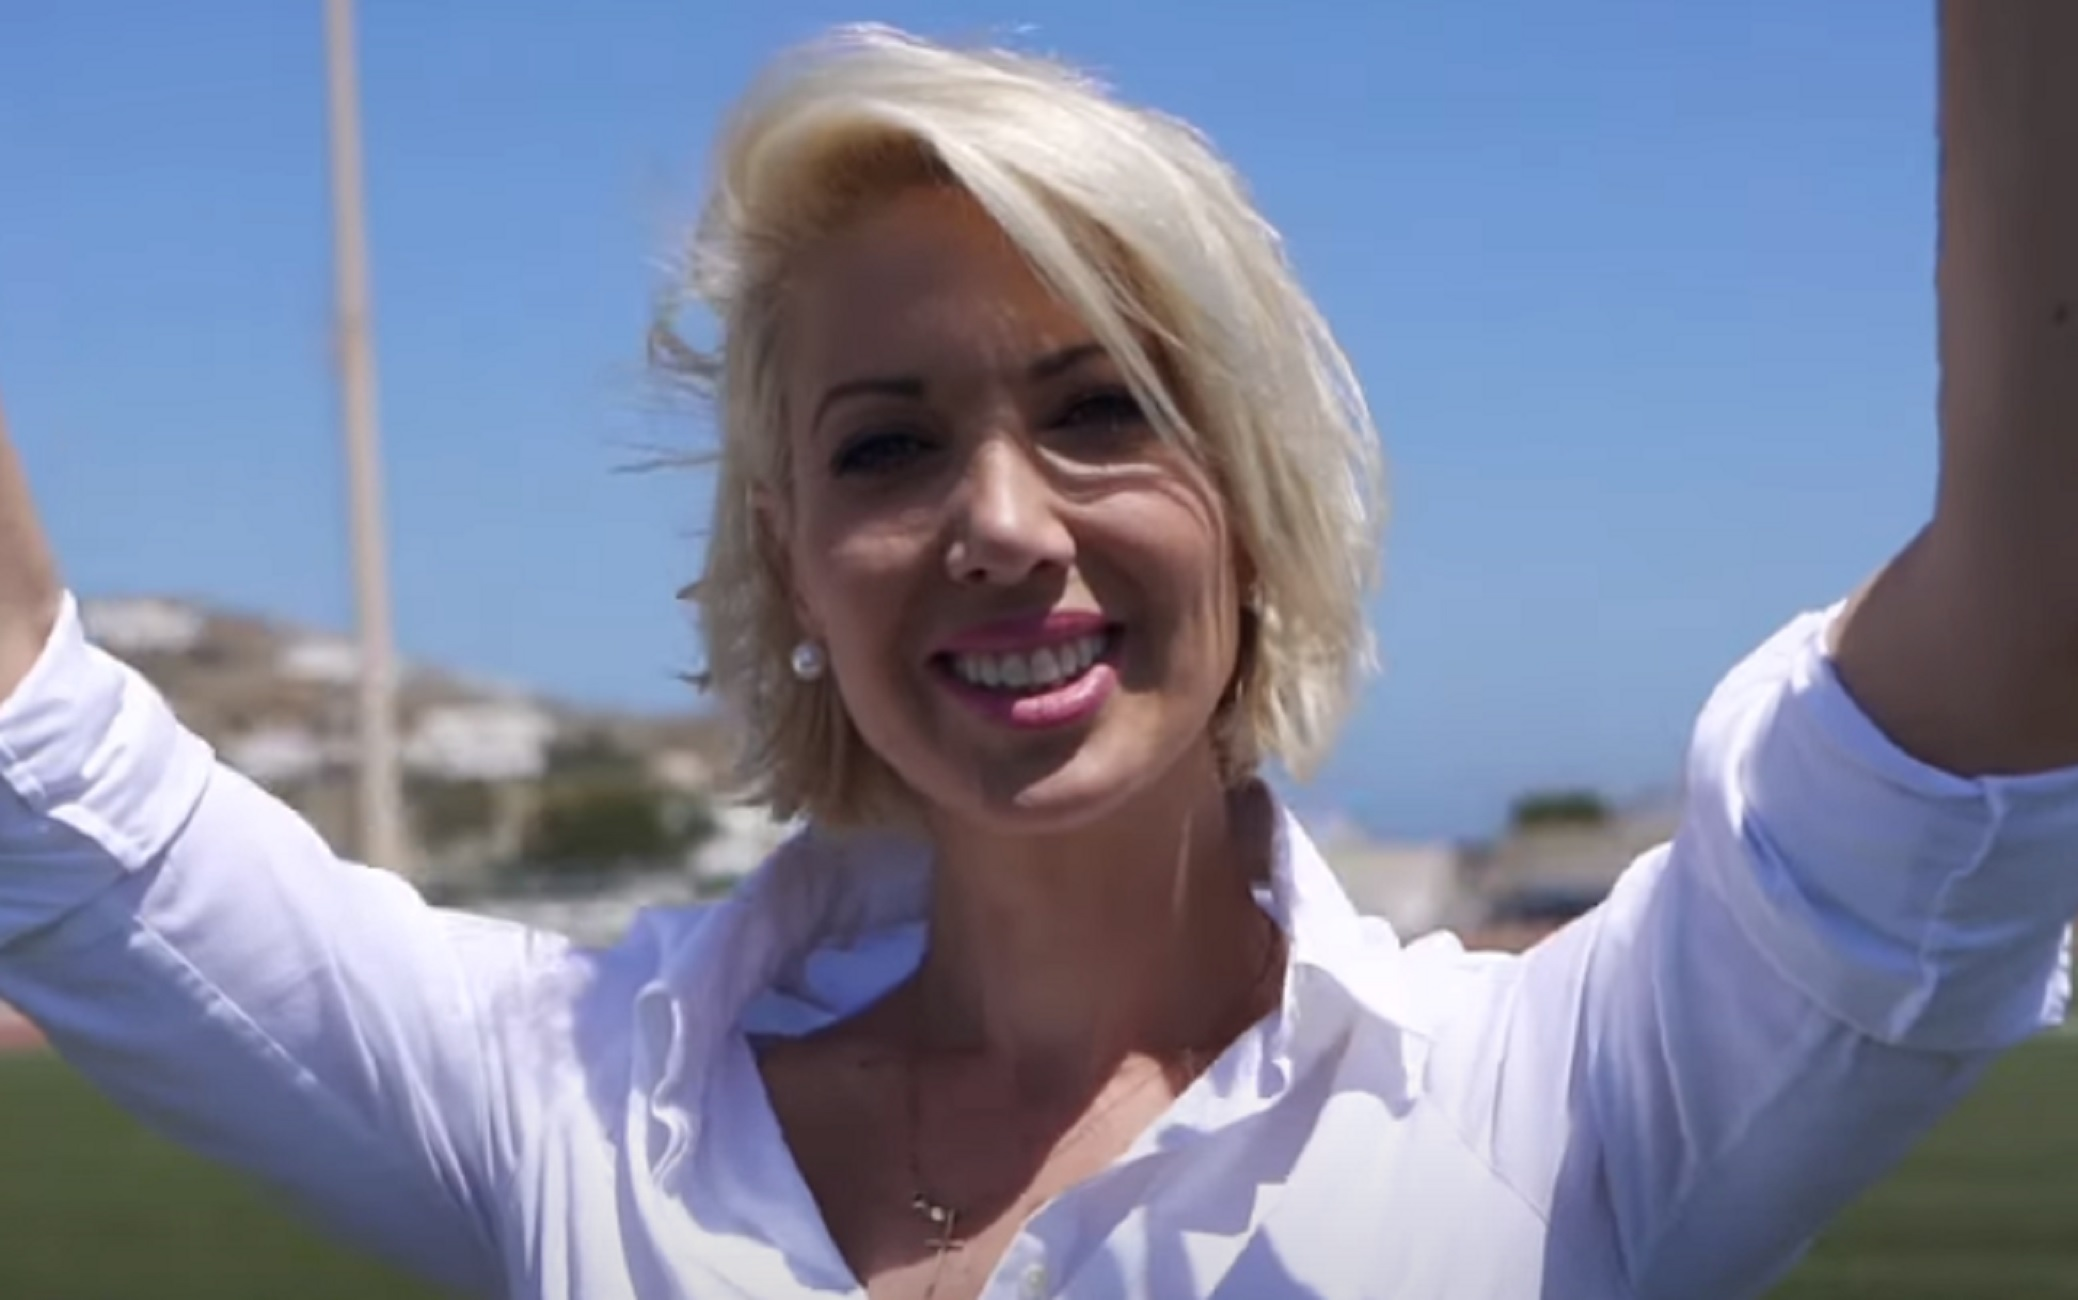 Έπος: Η βουλευτής Κατερινά Μονογυιού παίζει στο video clip του τραγουδιού που γράφτηκε για την ίδια – Δείτε το